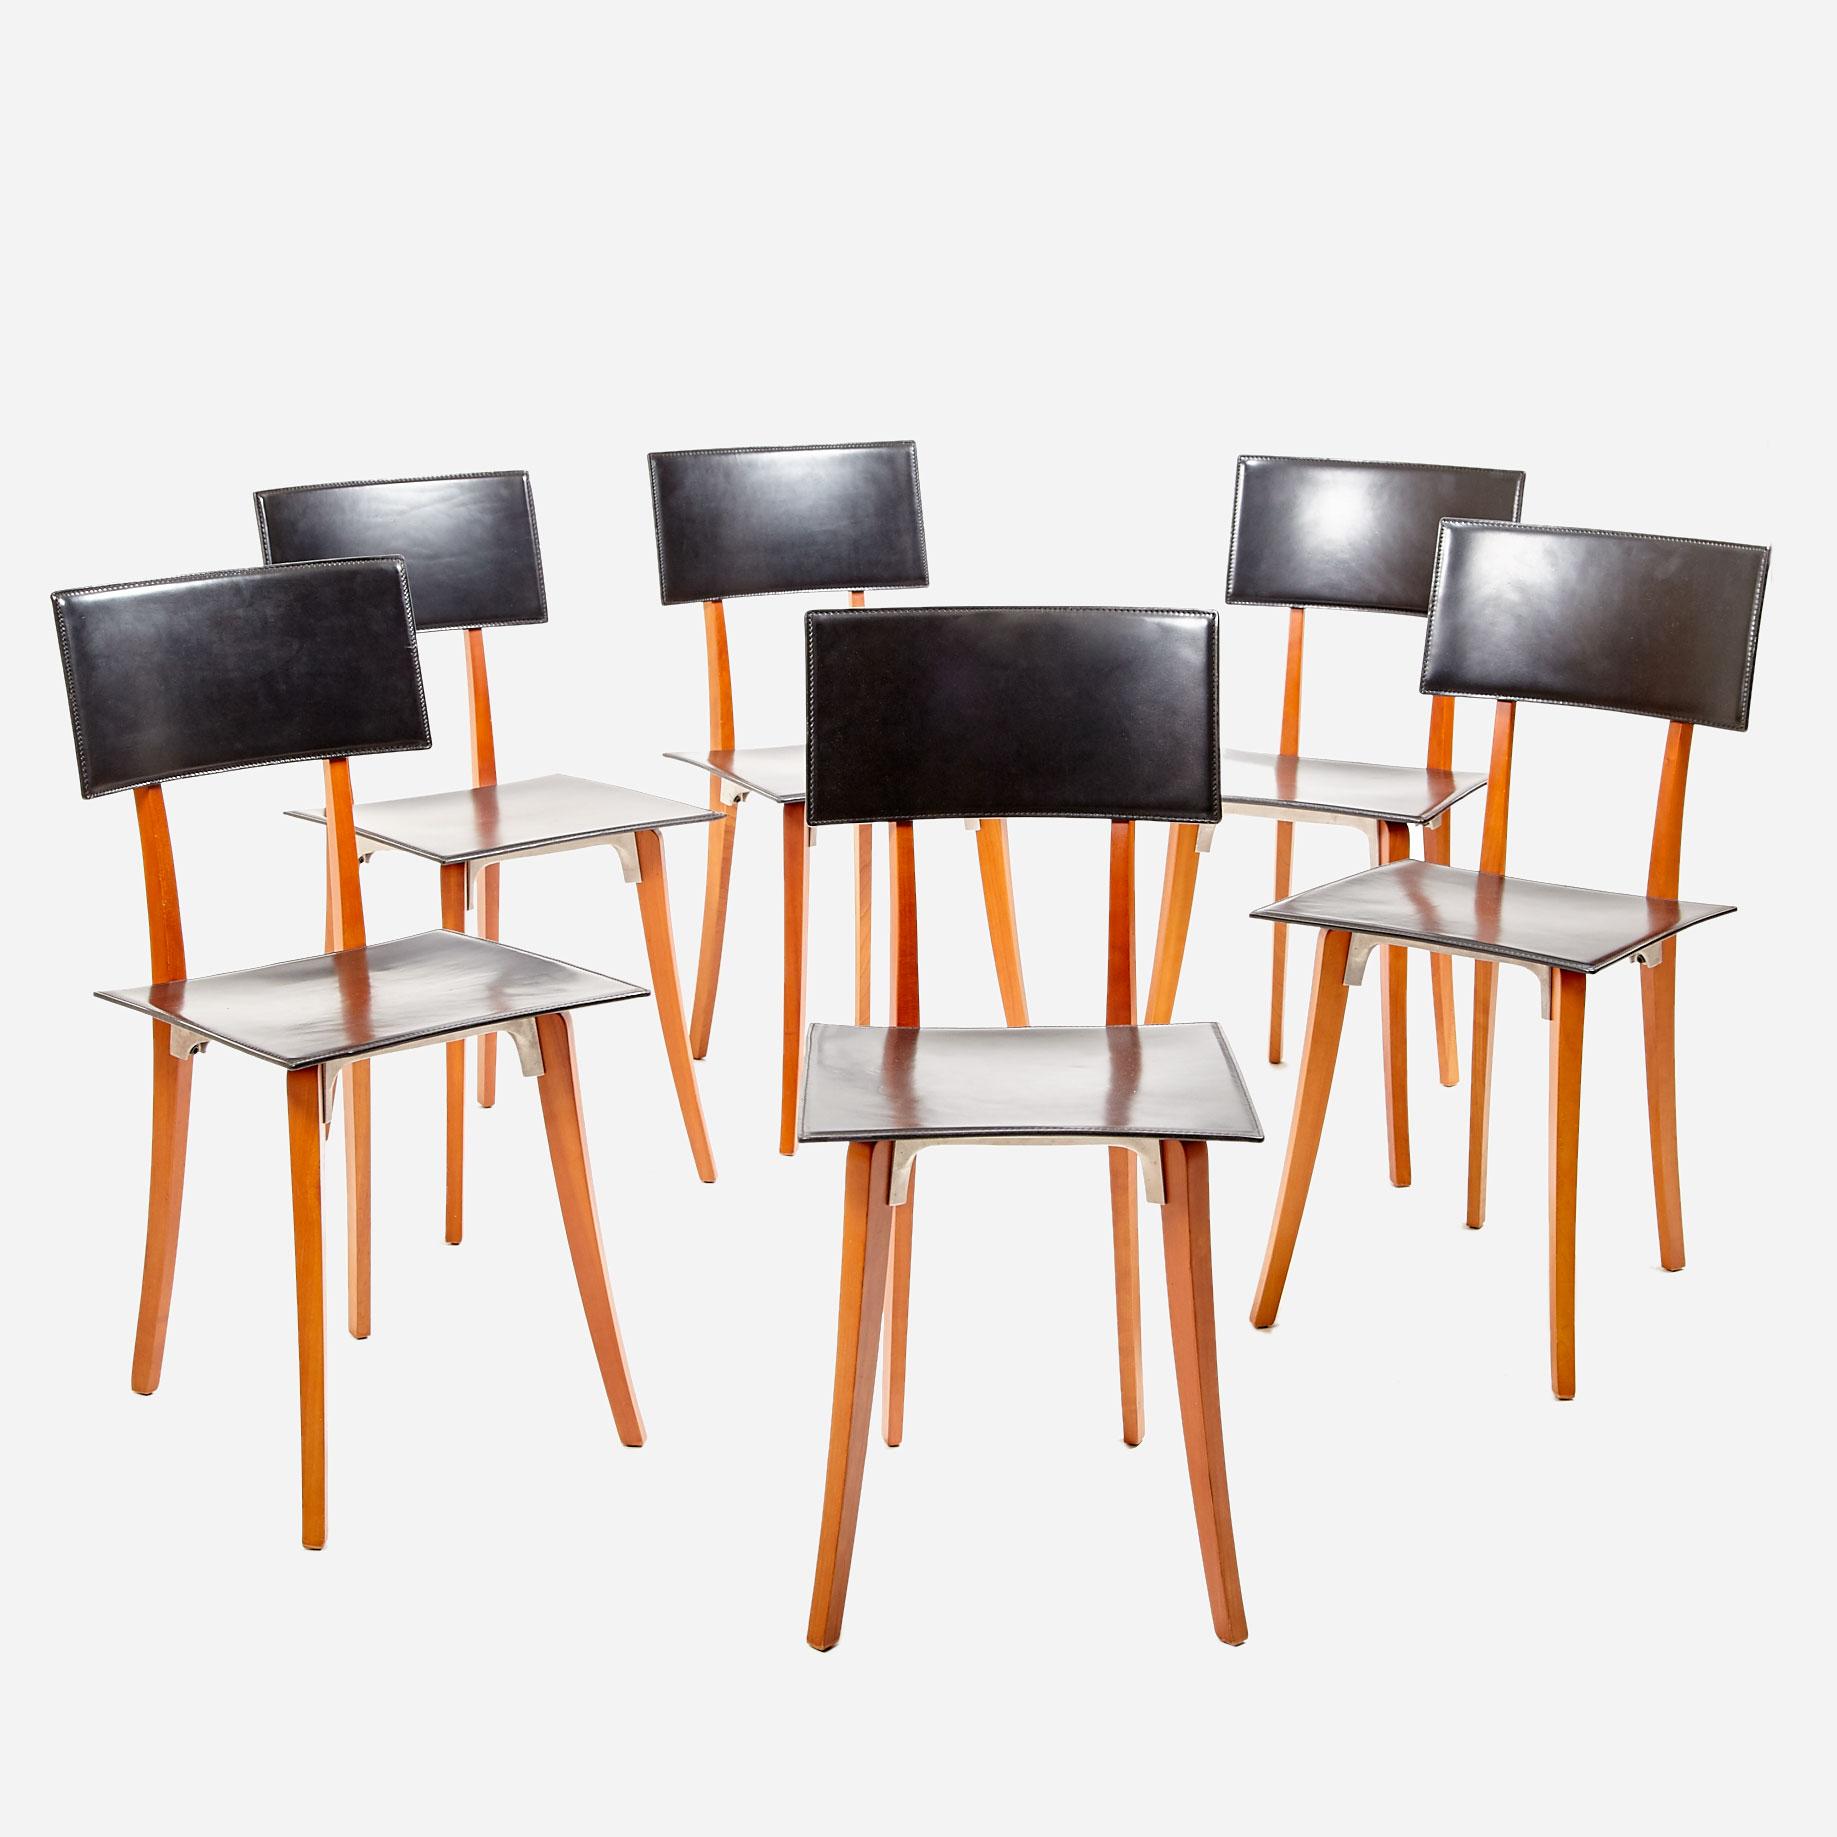 6er set stuhl marina von enzo mari f r zanotta m bel z rich vintagem bel. Black Bedroom Furniture Sets. Home Design Ideas